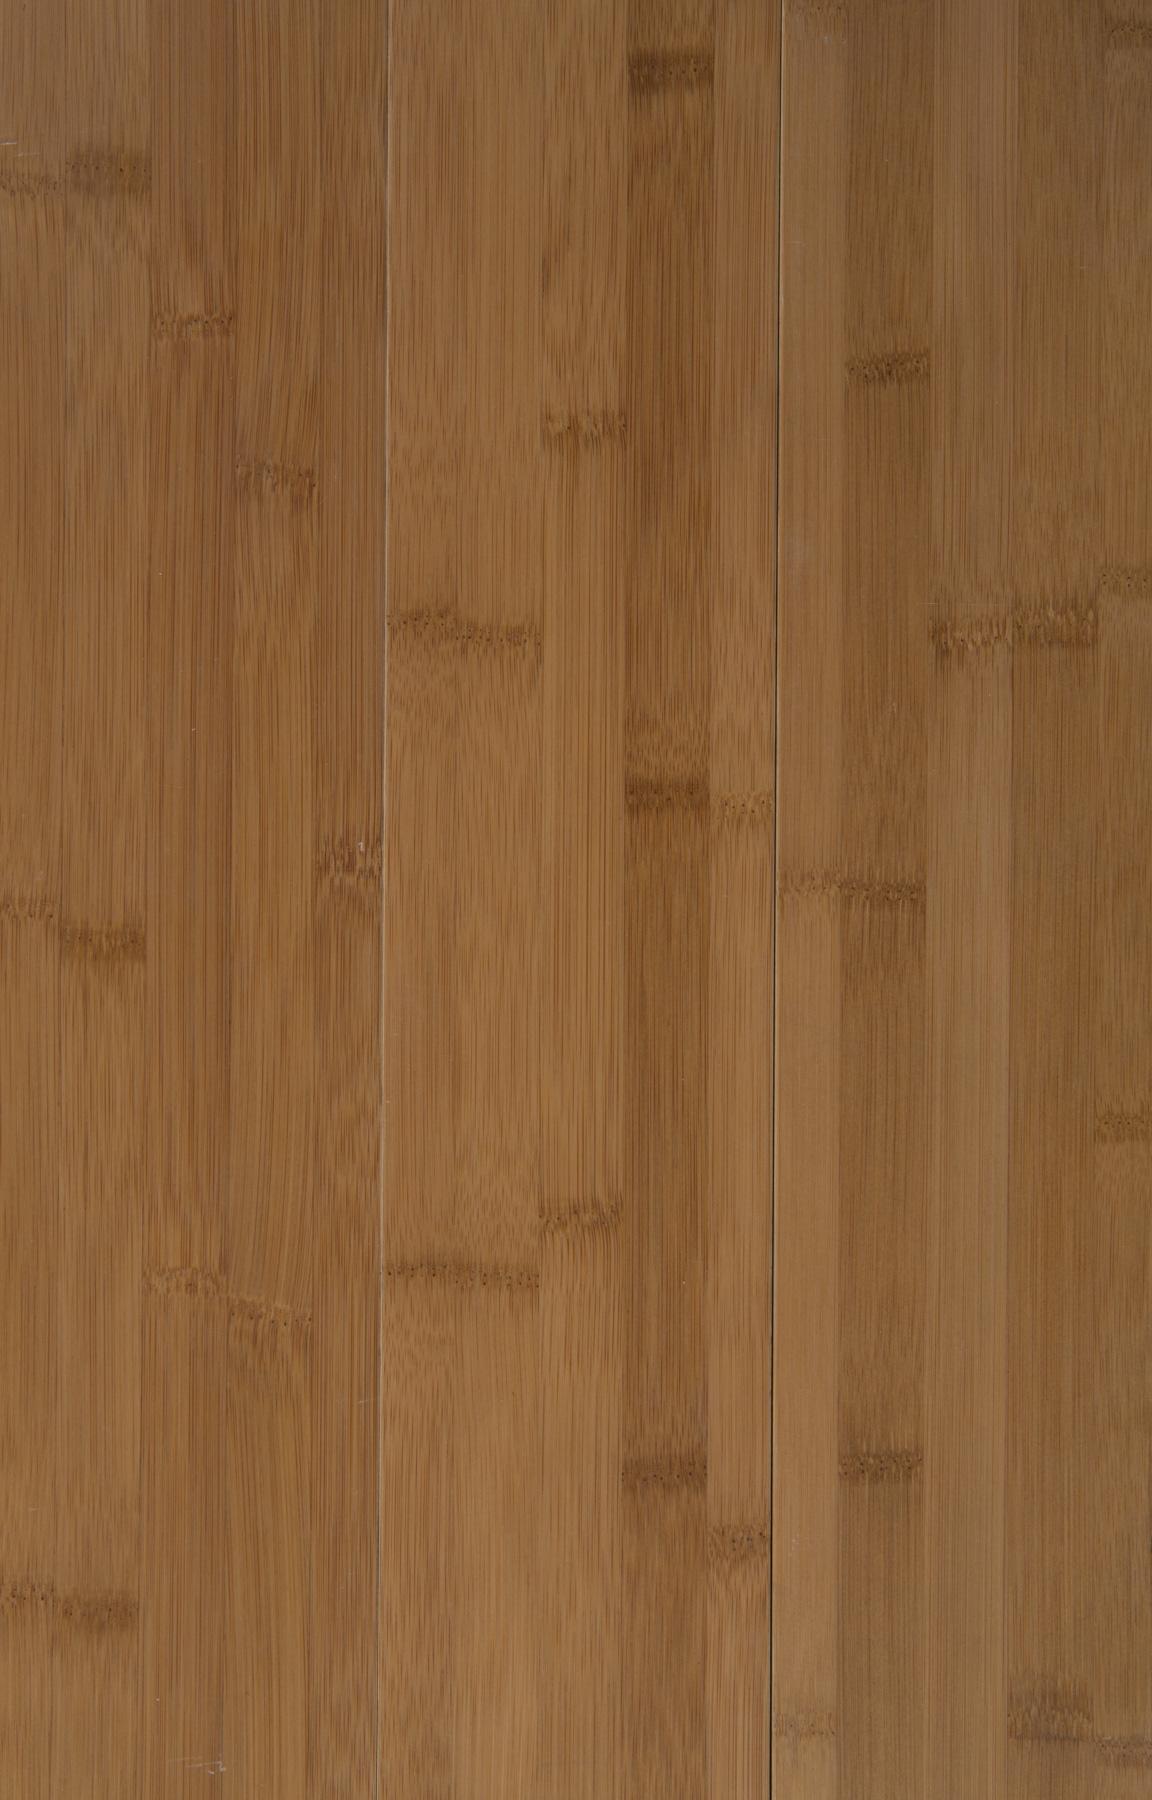 maderas-terramont-bamboo-carbonizado-horizontal-obscuro